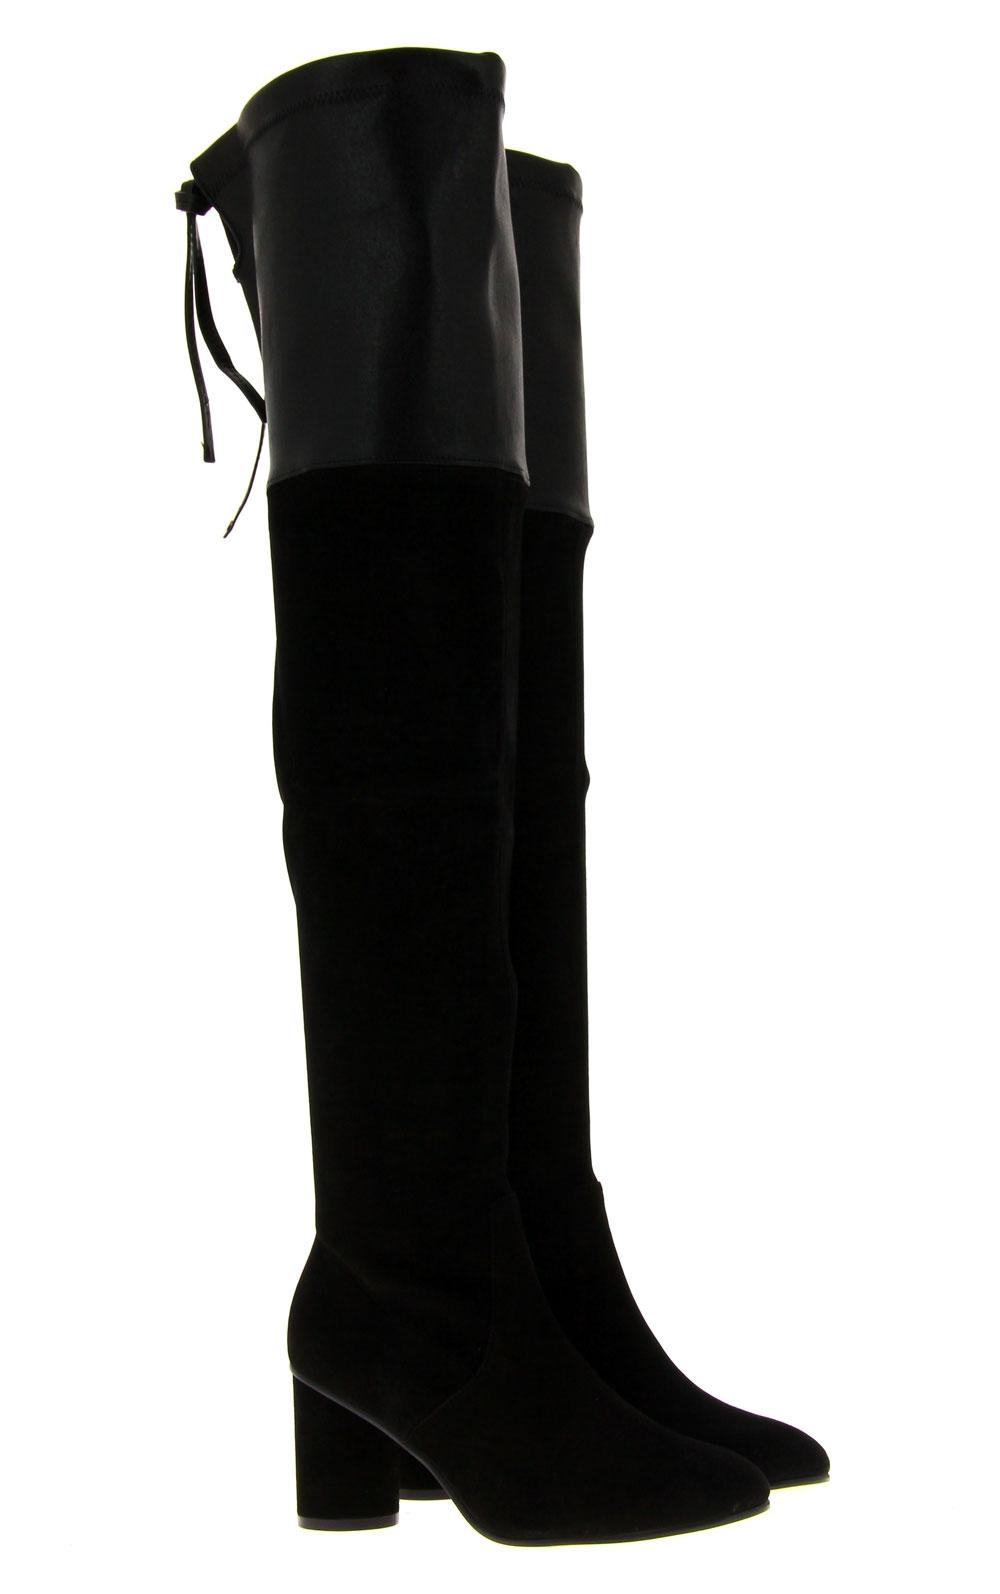 Stuart Weitzman Overknee-Stiefel HELENA BLACK FUSION SUEDE  (39)